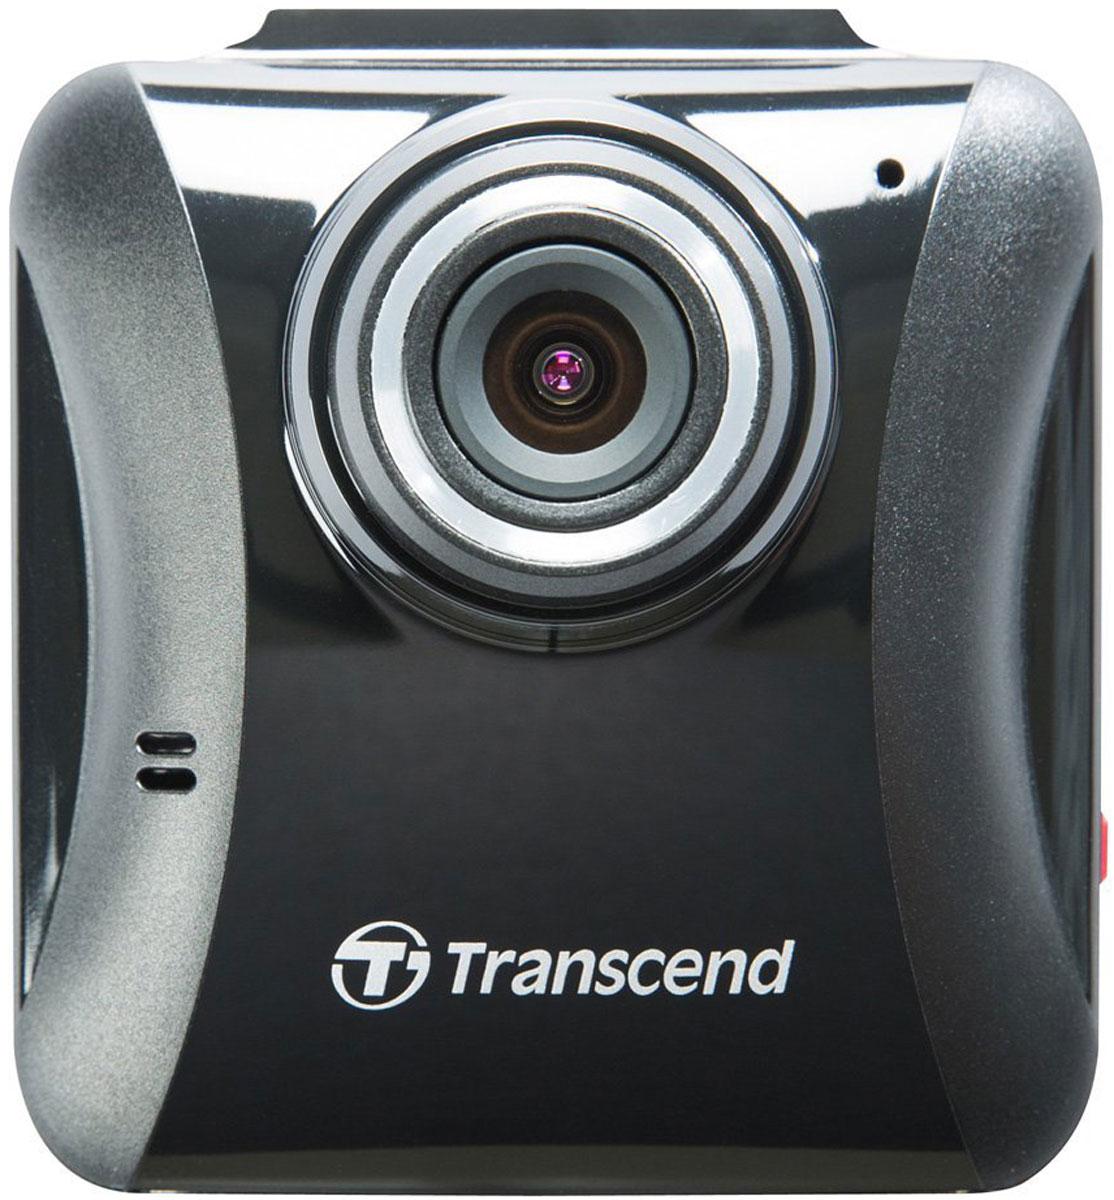 Transcend DrivePro 100 видеорегистратор автомобильный + microSD 16GbTS16GDP100MВне зависимости от времени суток, автомобильный видеорегистратор DrivePro 100 - ваш надёжный видеосвидетель. Встроенный аккумулятор позволяет вести запись в течение 30 секунд после отключения электропитания, что дает максимальную уверенность в том, что видеорегистратор сохранит все важные моменты. DrivePro 100 оснащен объективом с широким углом обзора, состоящим из шести стеклянных линз, который позволяет снимать кристально-четкое видео высокой четкости в формате Full HD, имеет функцию захвата кадров и оснащен ярким цветным 2,4-дюймовым ЖК-дисплеем. DrivePro 100 прост в установке и настройке, а также оснащен функцией автоматического включения и выключения (Auto Power On/Off). Более того, доступный для бесплатной загрузки программный пакет DrivePro Toolbox для Windows позволяет с легкостью воспроизводить на ПК записанные видеорегистратором видеофайлы. DrivePro 100 оснащен объективом с большой диафрагмой (f/1.8) и способен автоматически ...